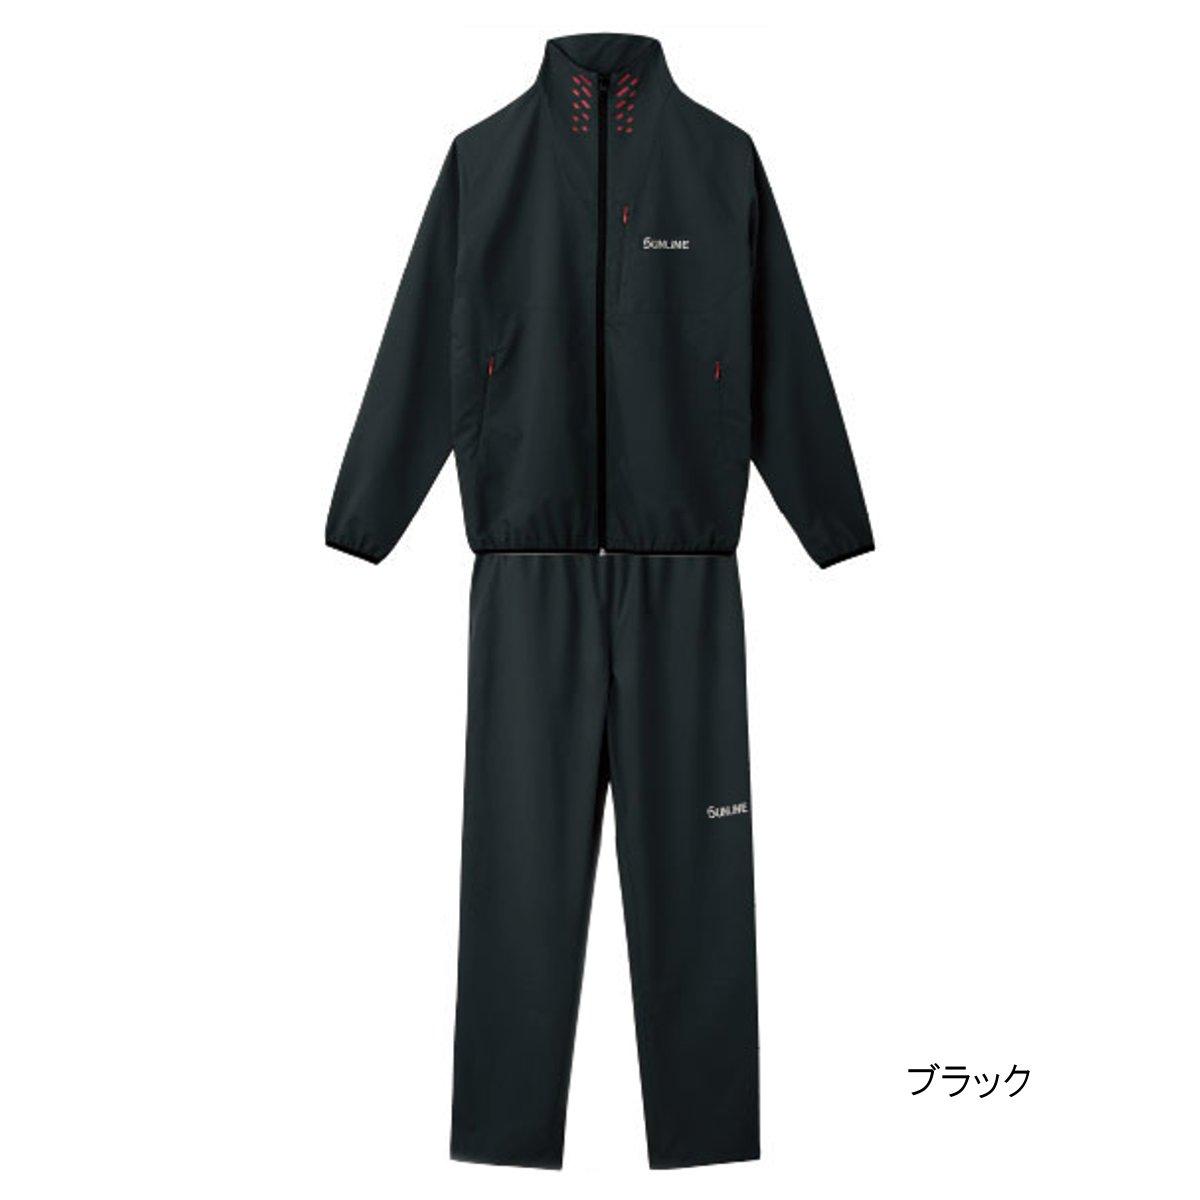 ライトストレッチスーツ SUW-3226 M ブラック【送料無料】